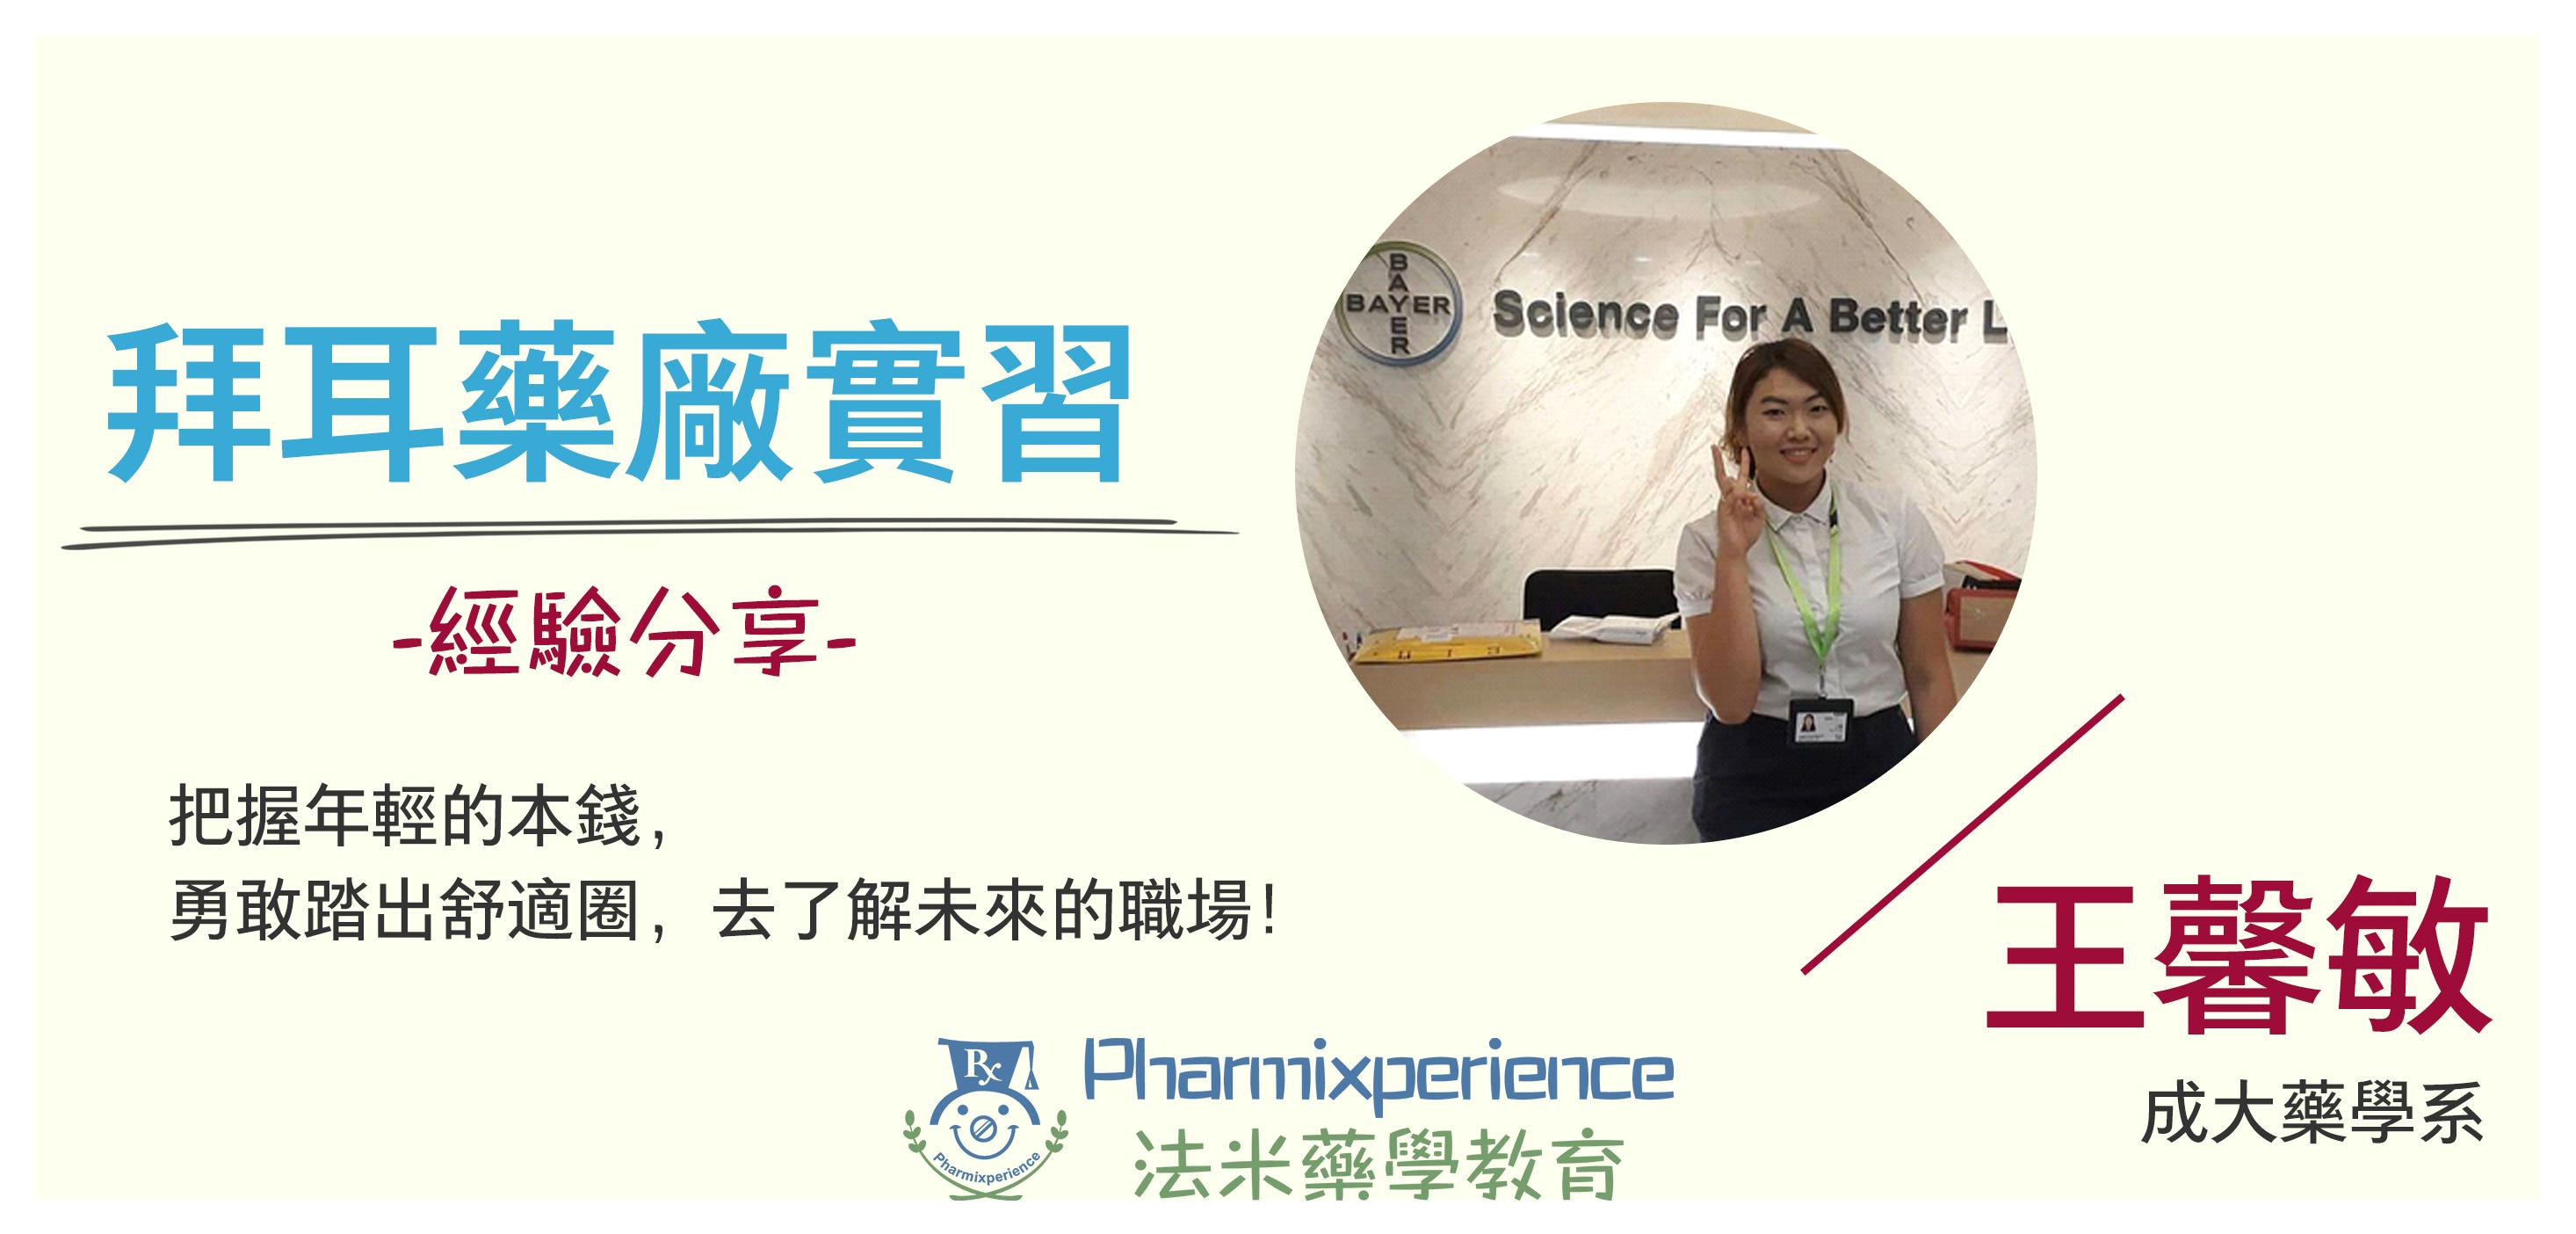 拜耳藥廠實習-王馨敏-經驗分享-法米藥學教育